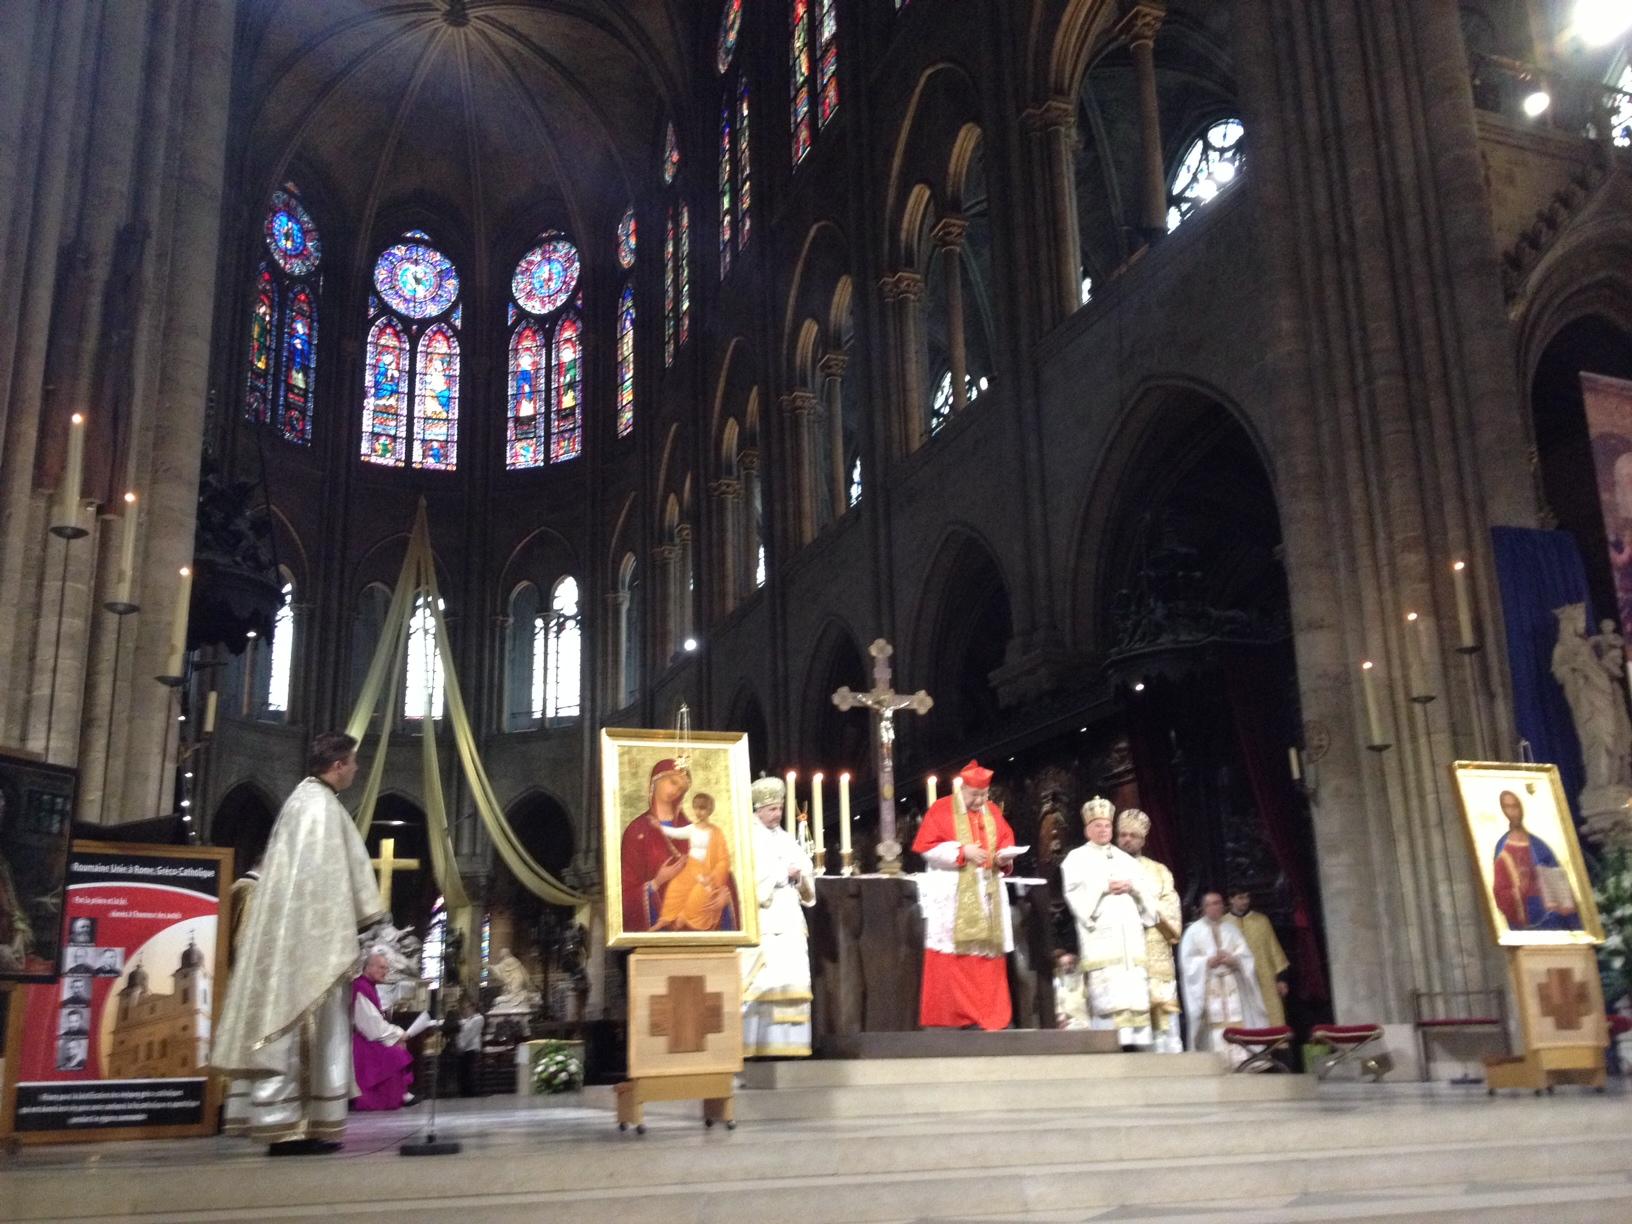 Sfânta Liturghie greco-catolică în Catedrala Parisului